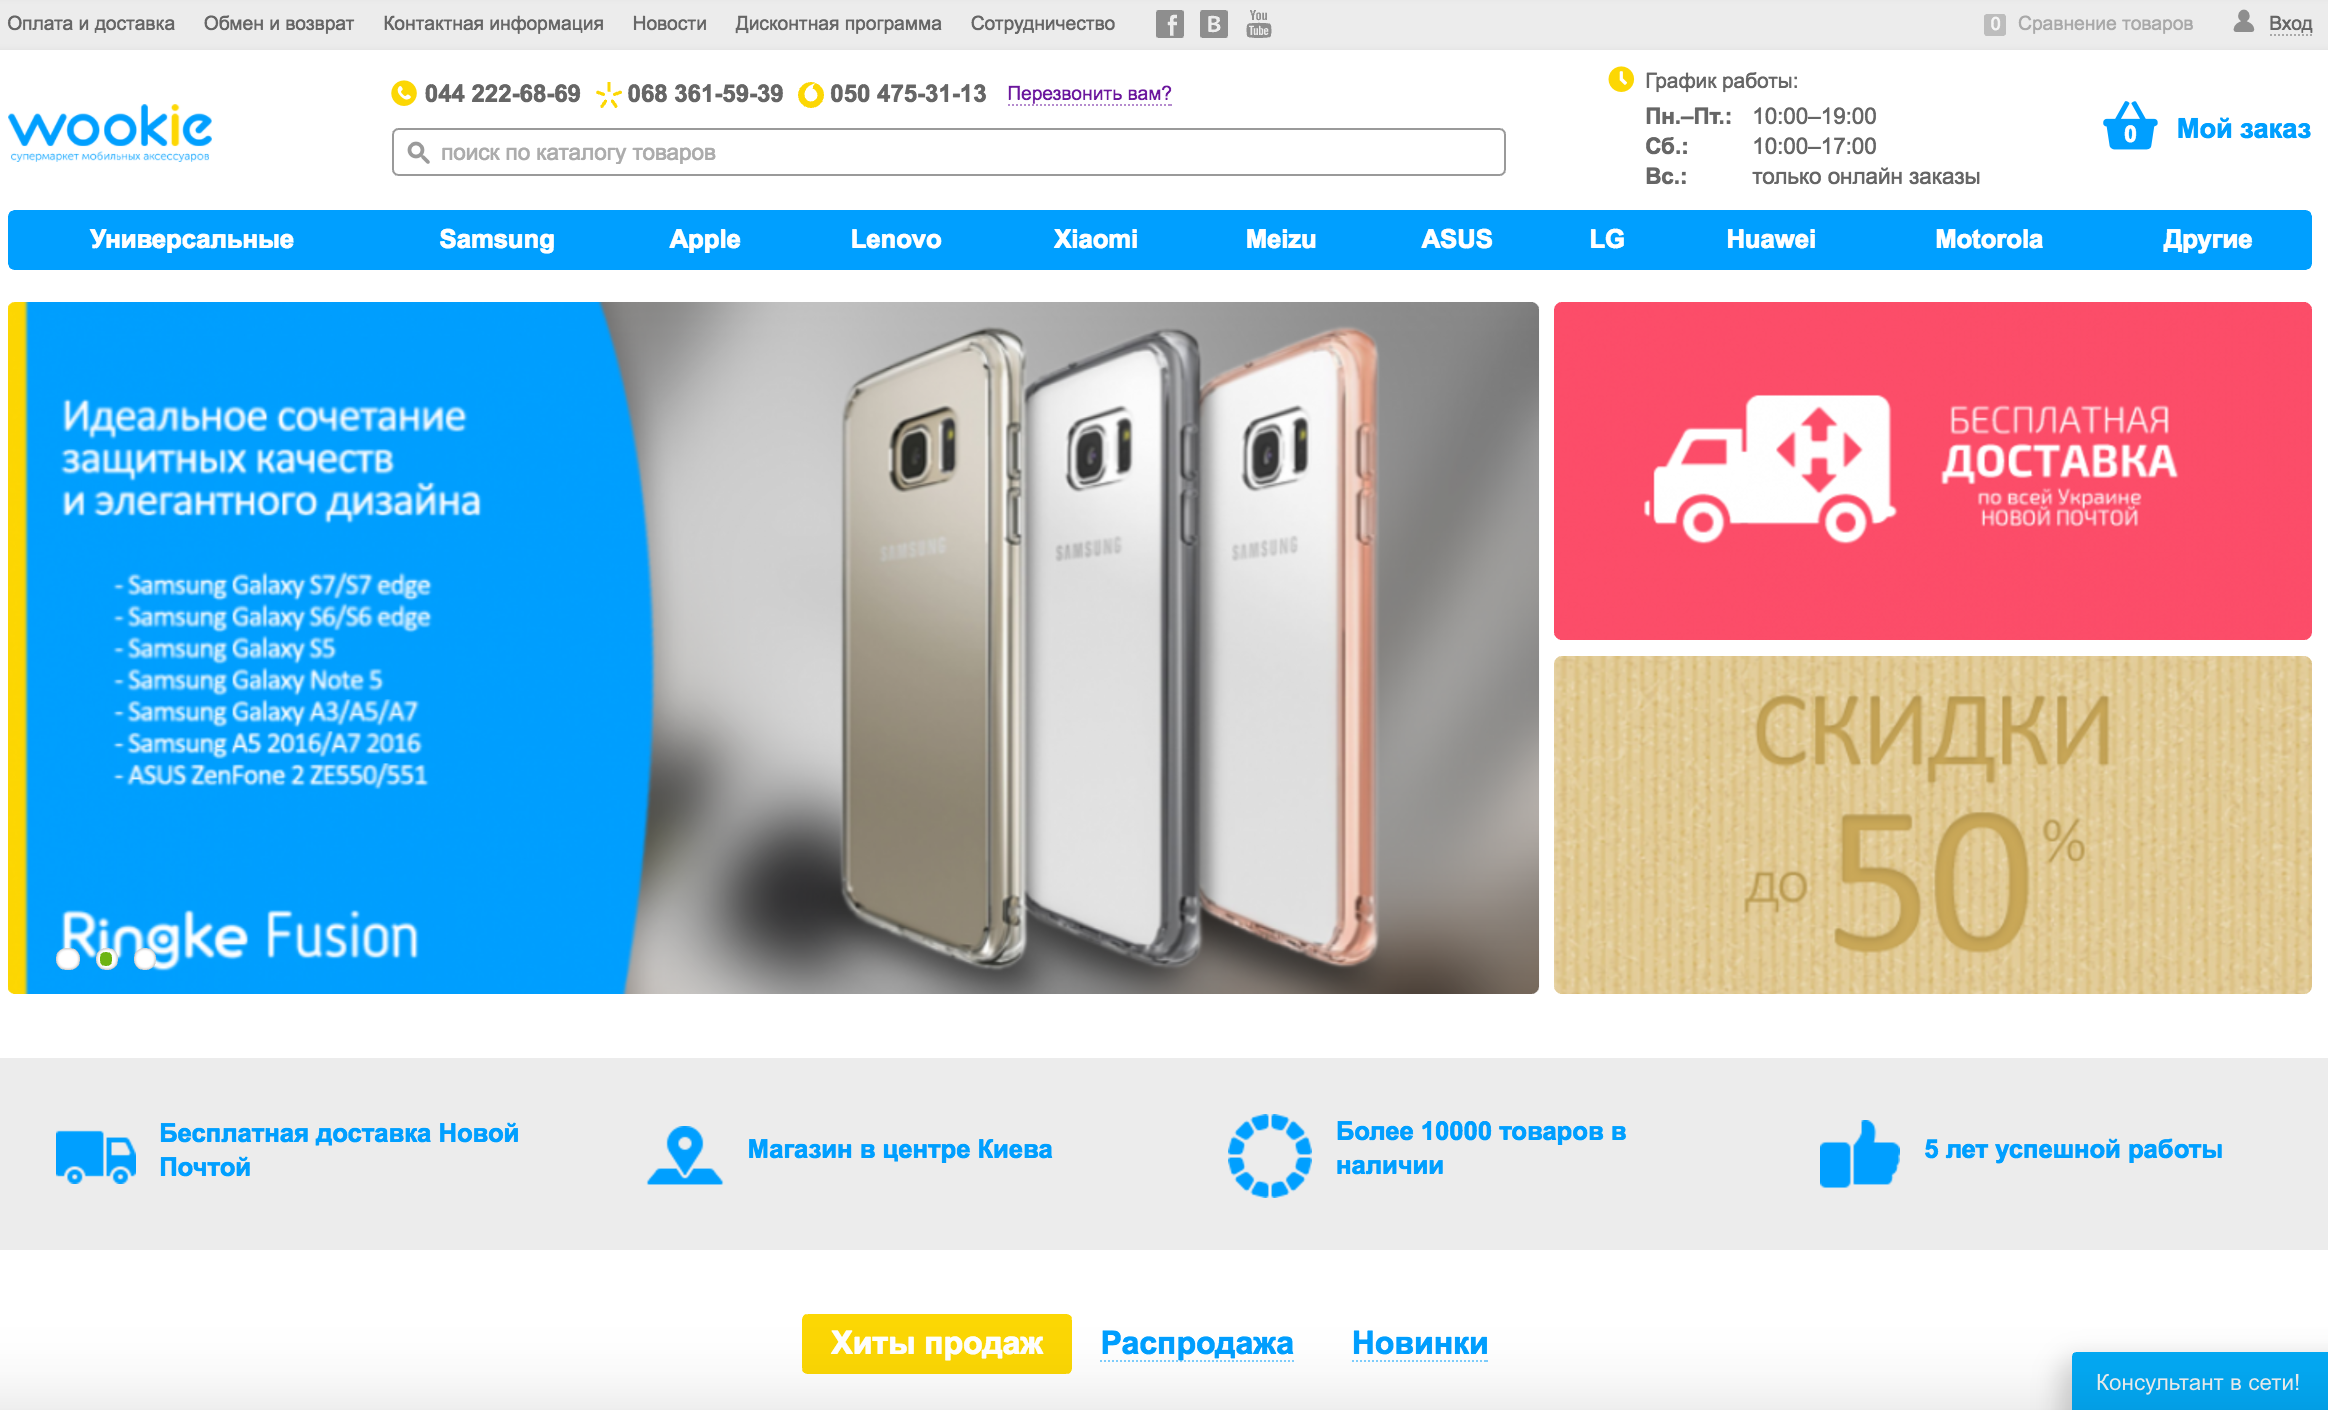 Продвижение интернет-магазина мобильных аксессуаров, Украина